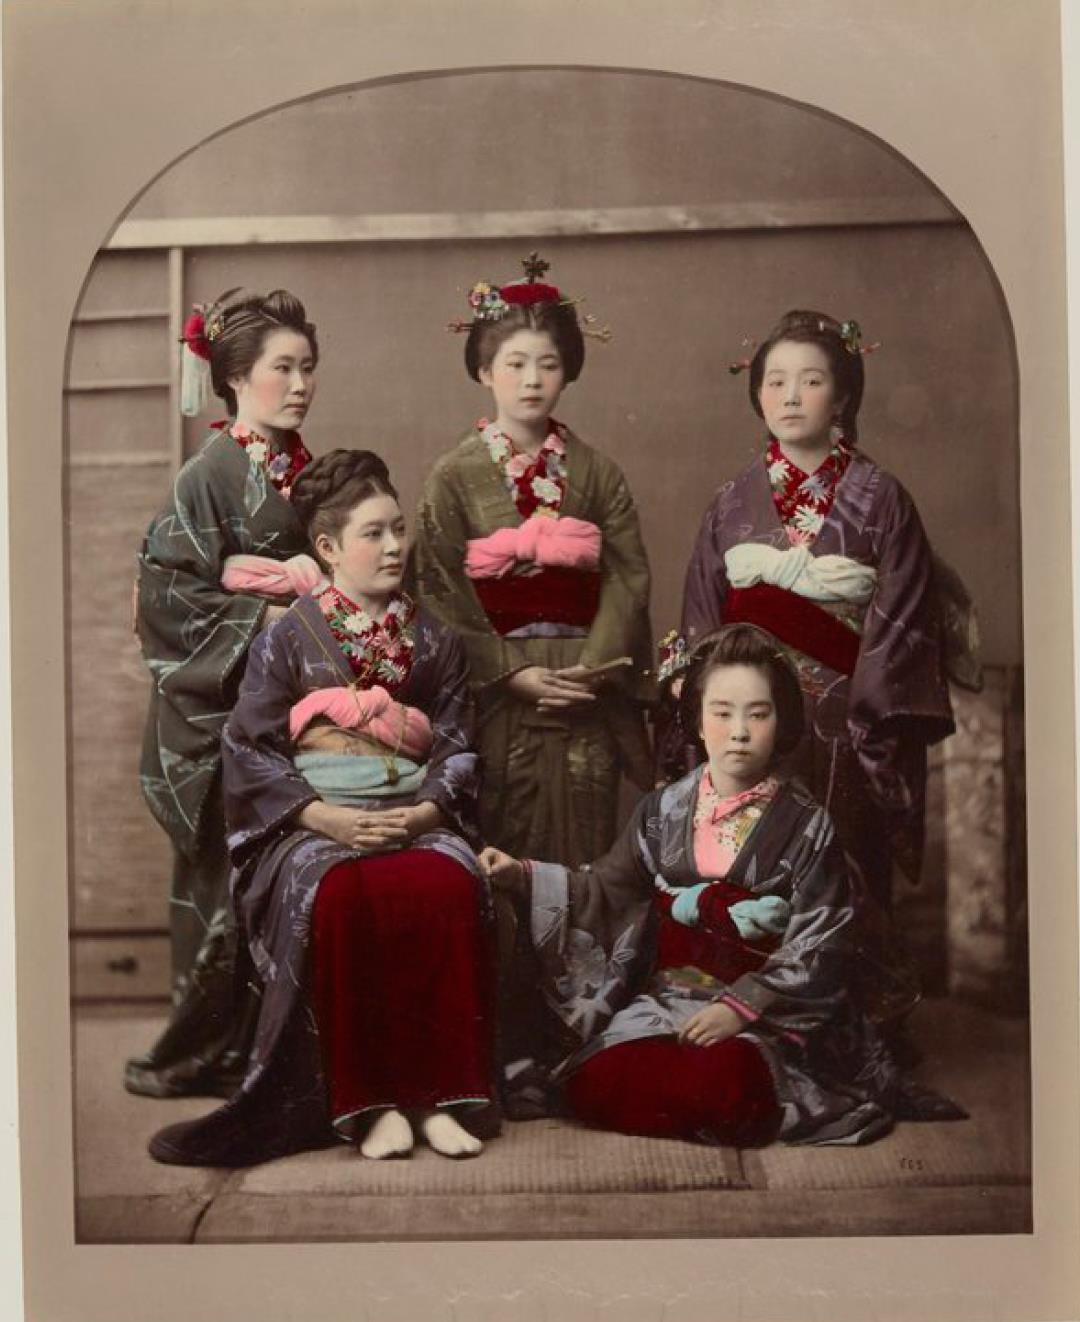 Группа из пяти девушек, одна из которых носит европейскую прическу